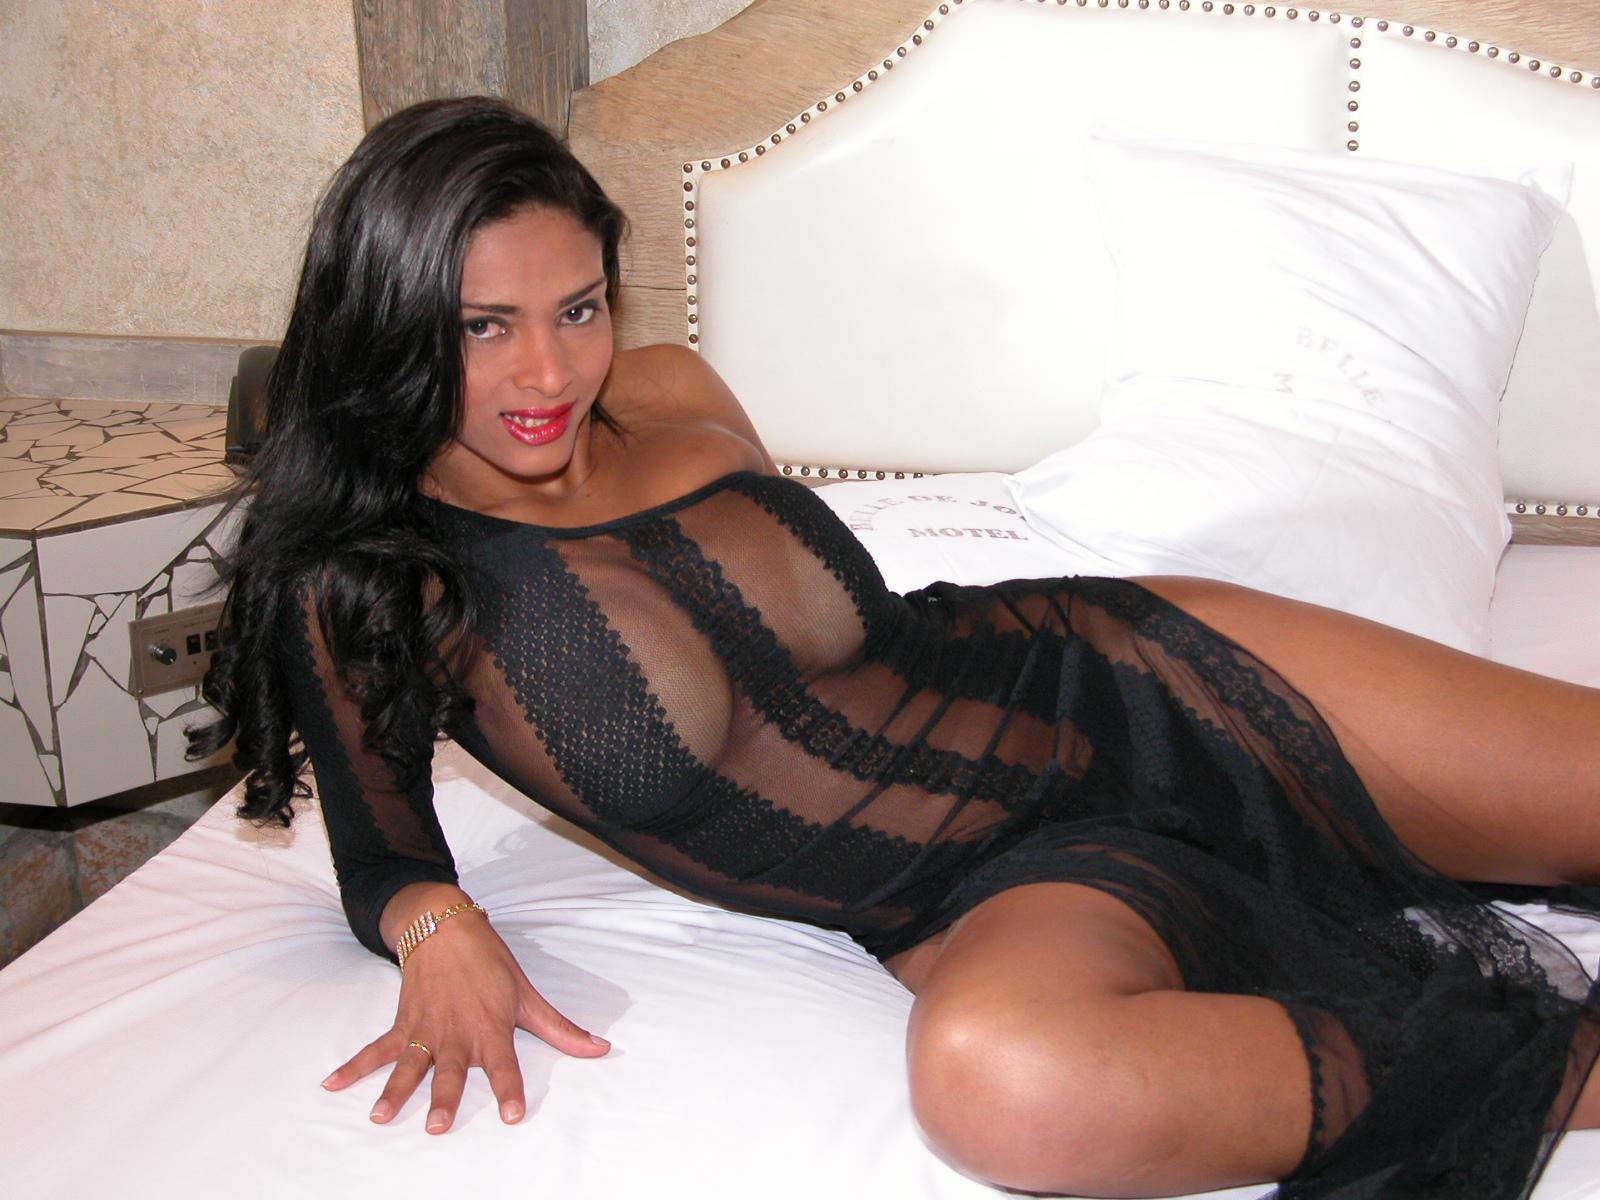 Транс с огромной грудью порно фото 20 фотография